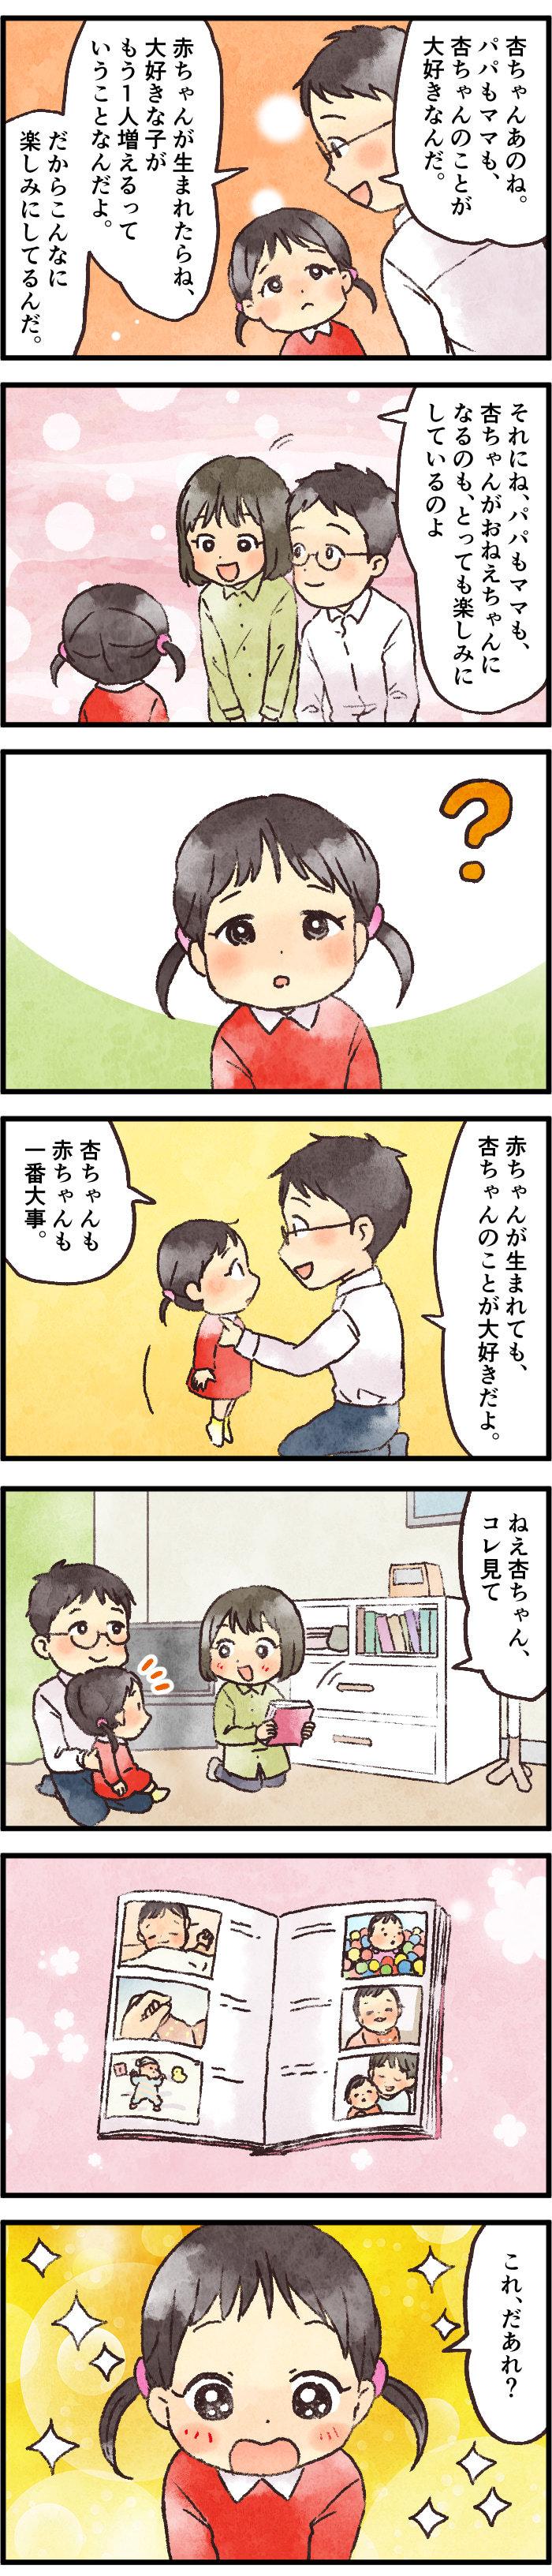 """""""お姉ちゃんになること""""が不安な娘に、両親がどうしても伝えたかったことの画像2"""